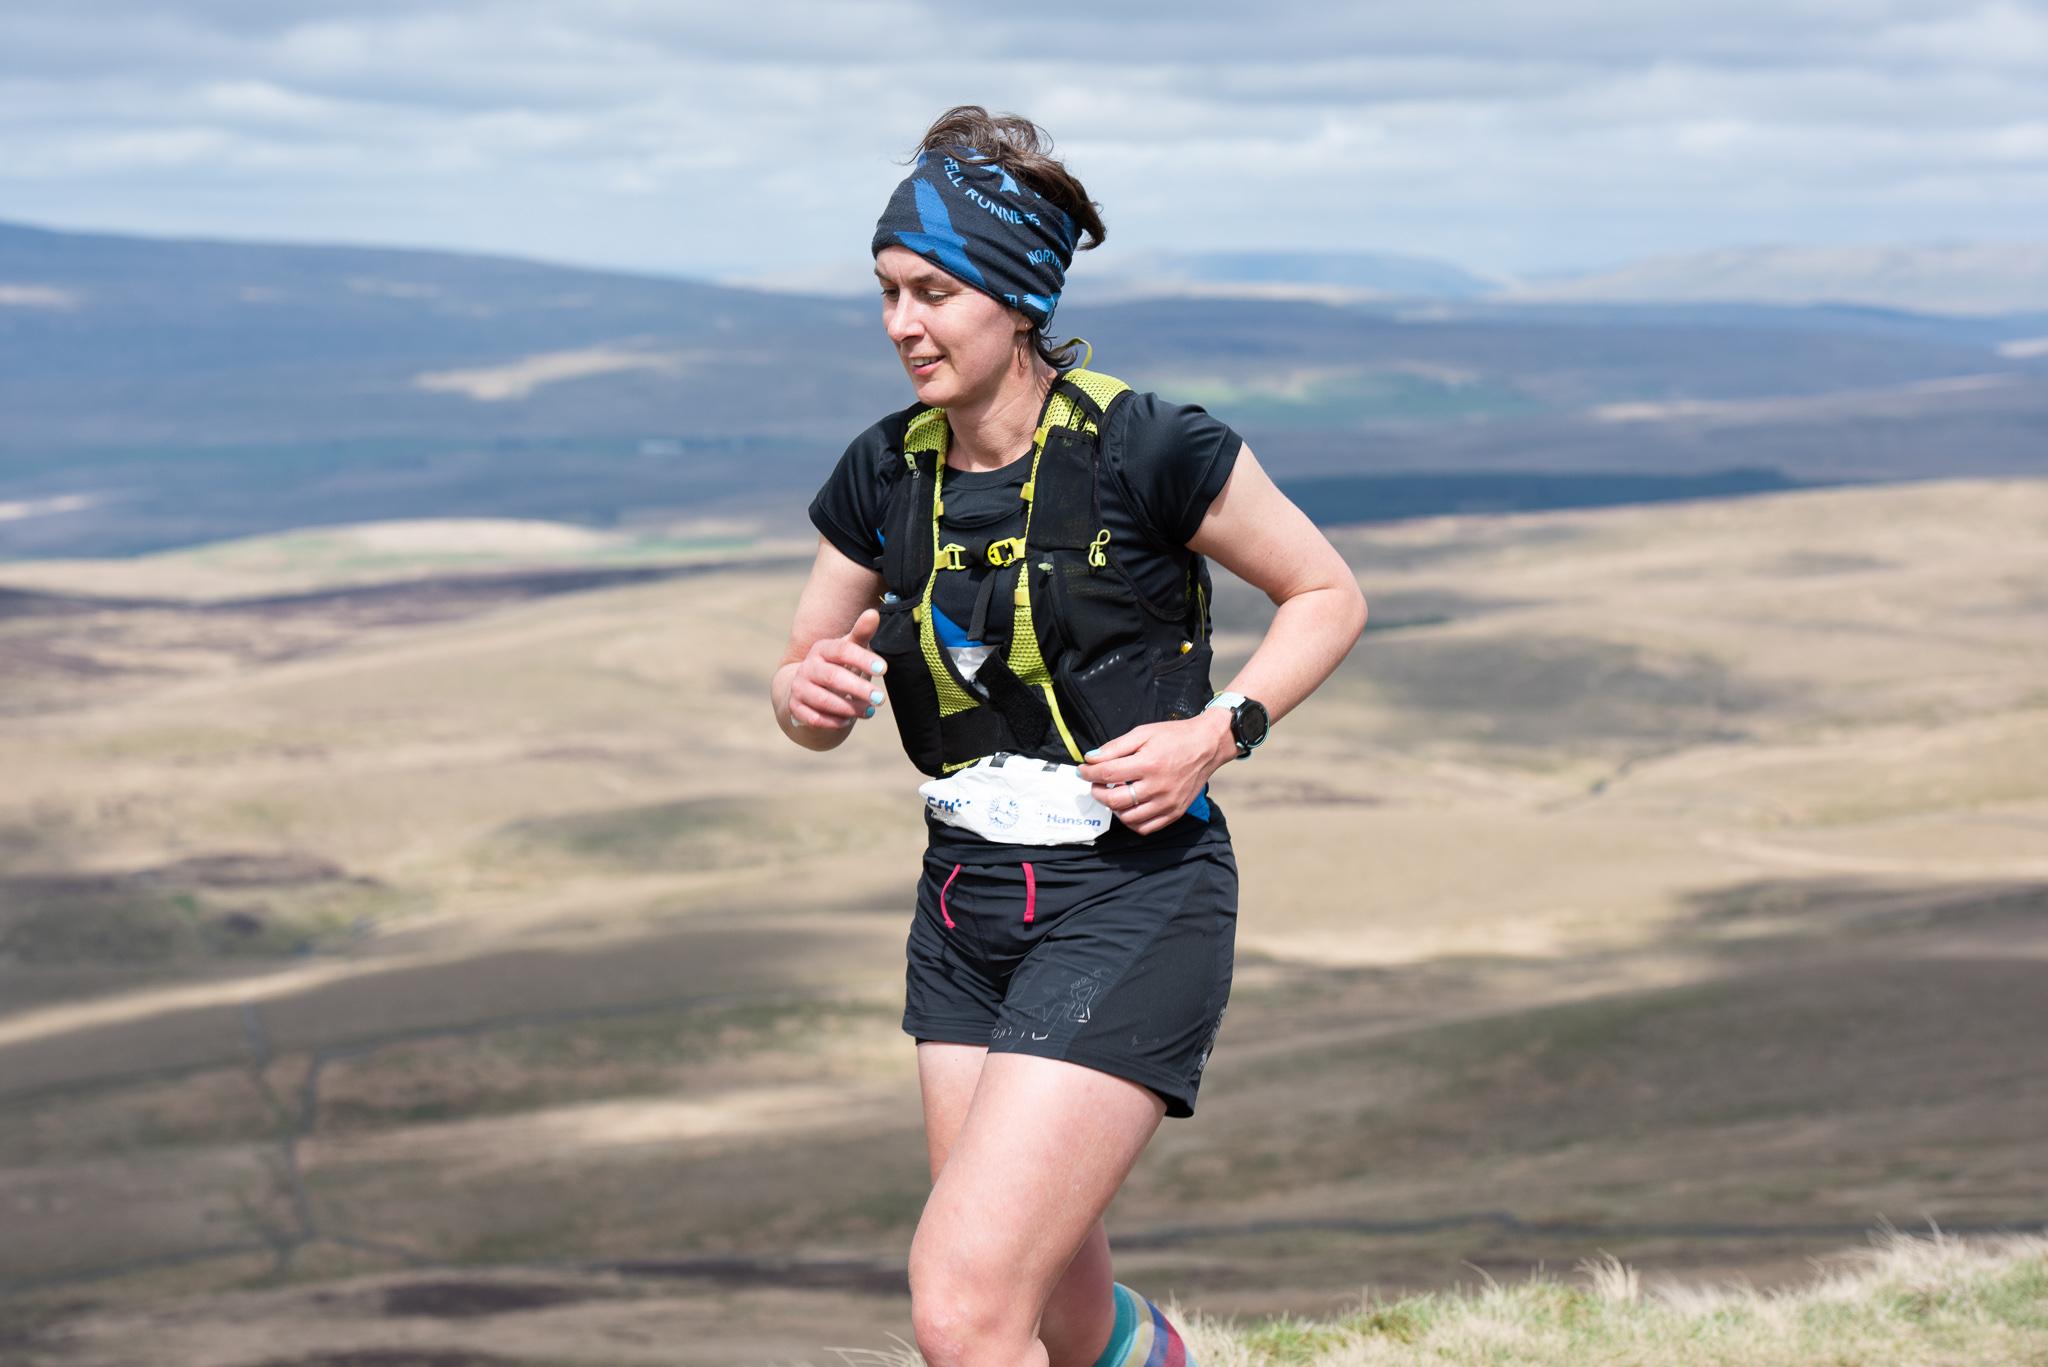 The 64th Three Peaks Race